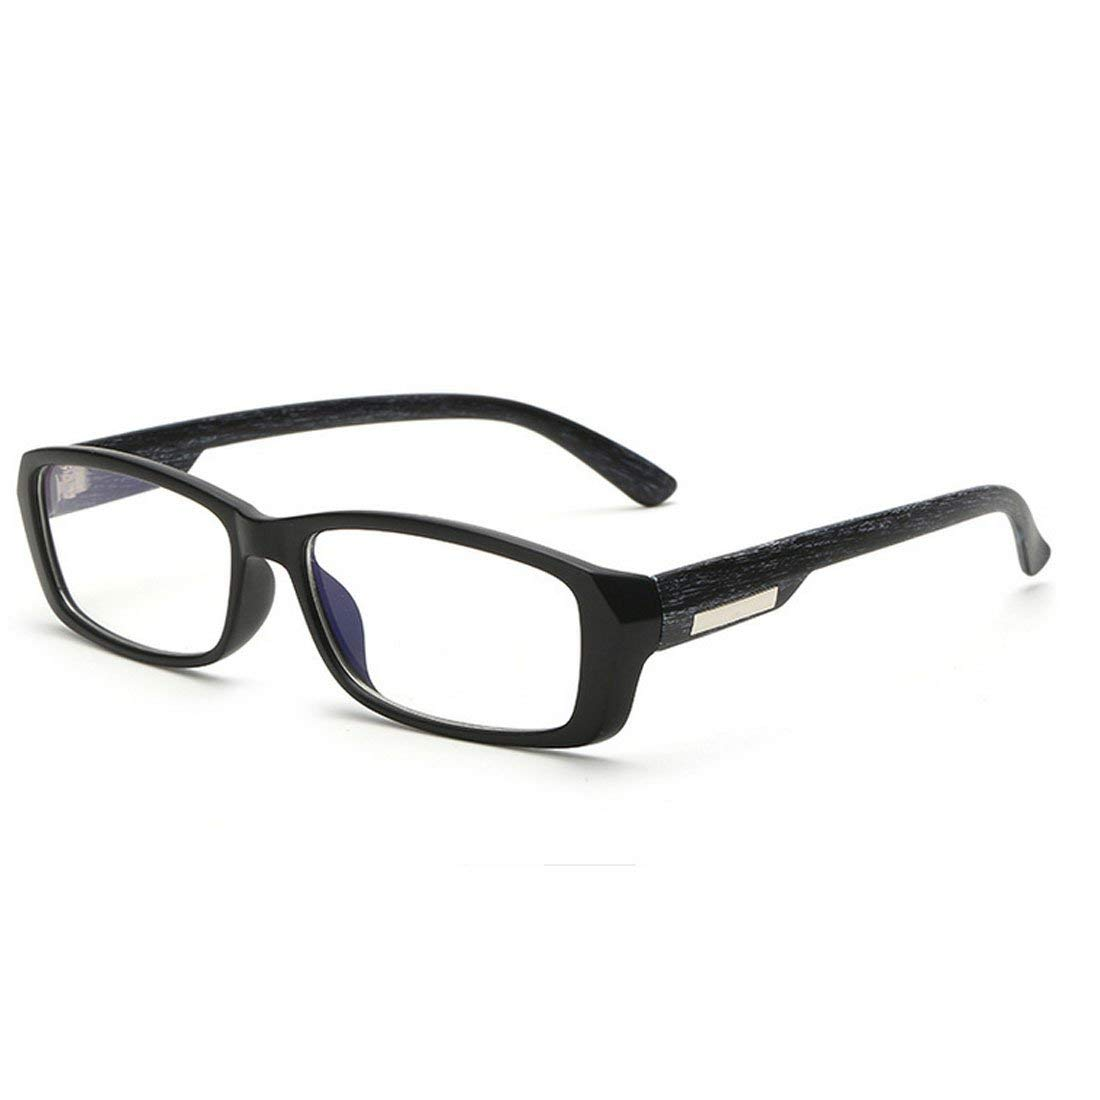 30d7be3e3d1d Get Quotations · D.King Vintage Inspired Horned Rim Rectangular Eye Glasses  Frames Clear Lens